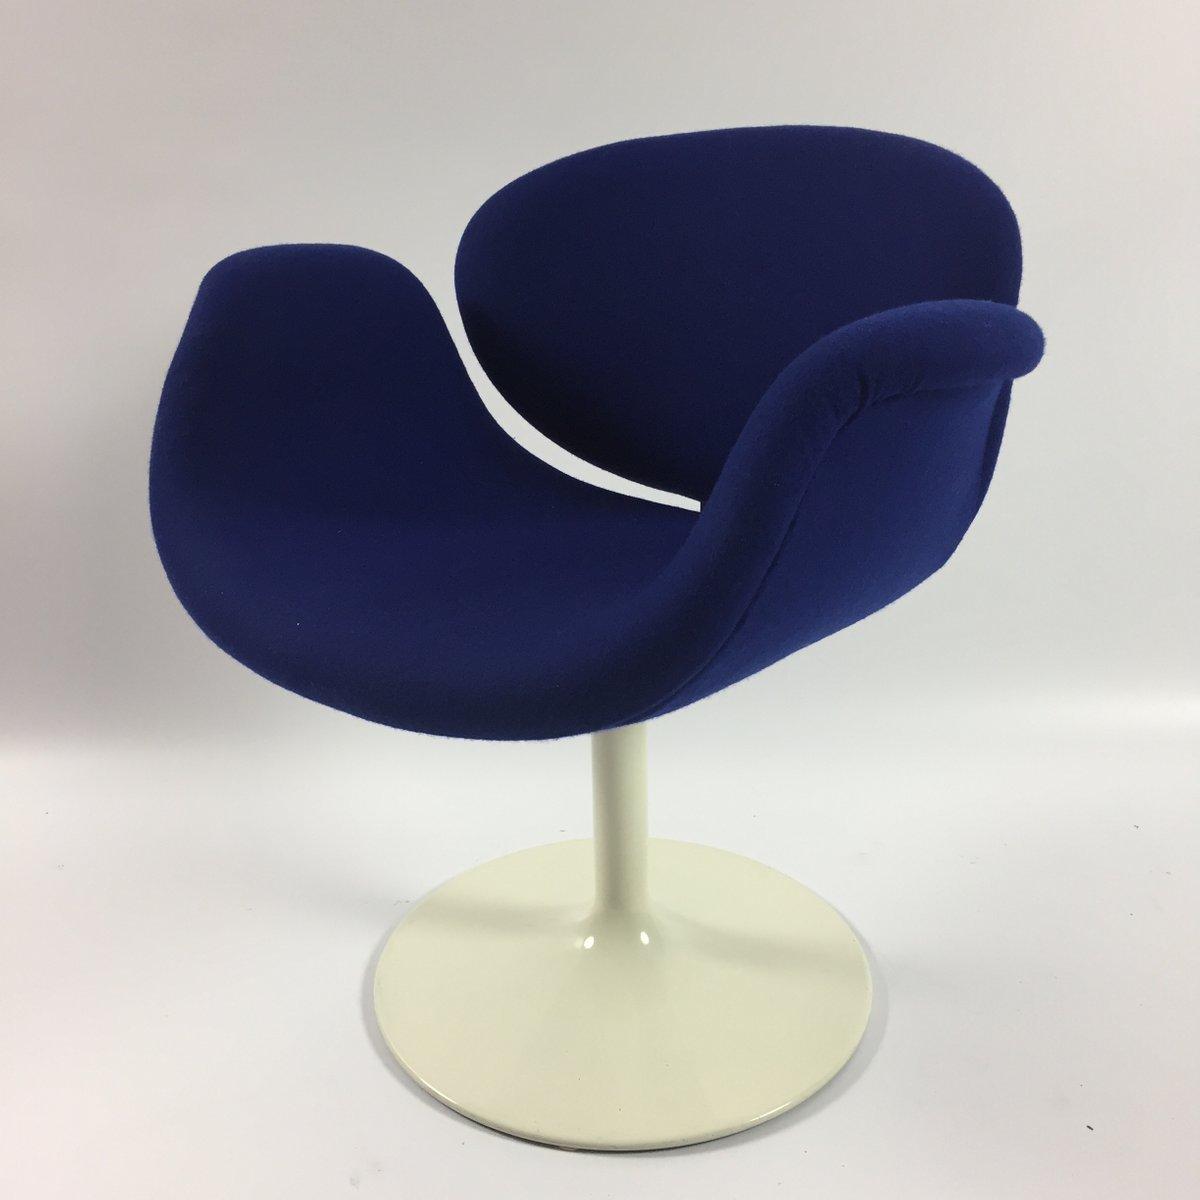 petit fauteuil tulipe bleu par pierre paulin pour artifort 1960s en vente sur pamono. Black Bedroom Furniture Sets. Home Design Ideas